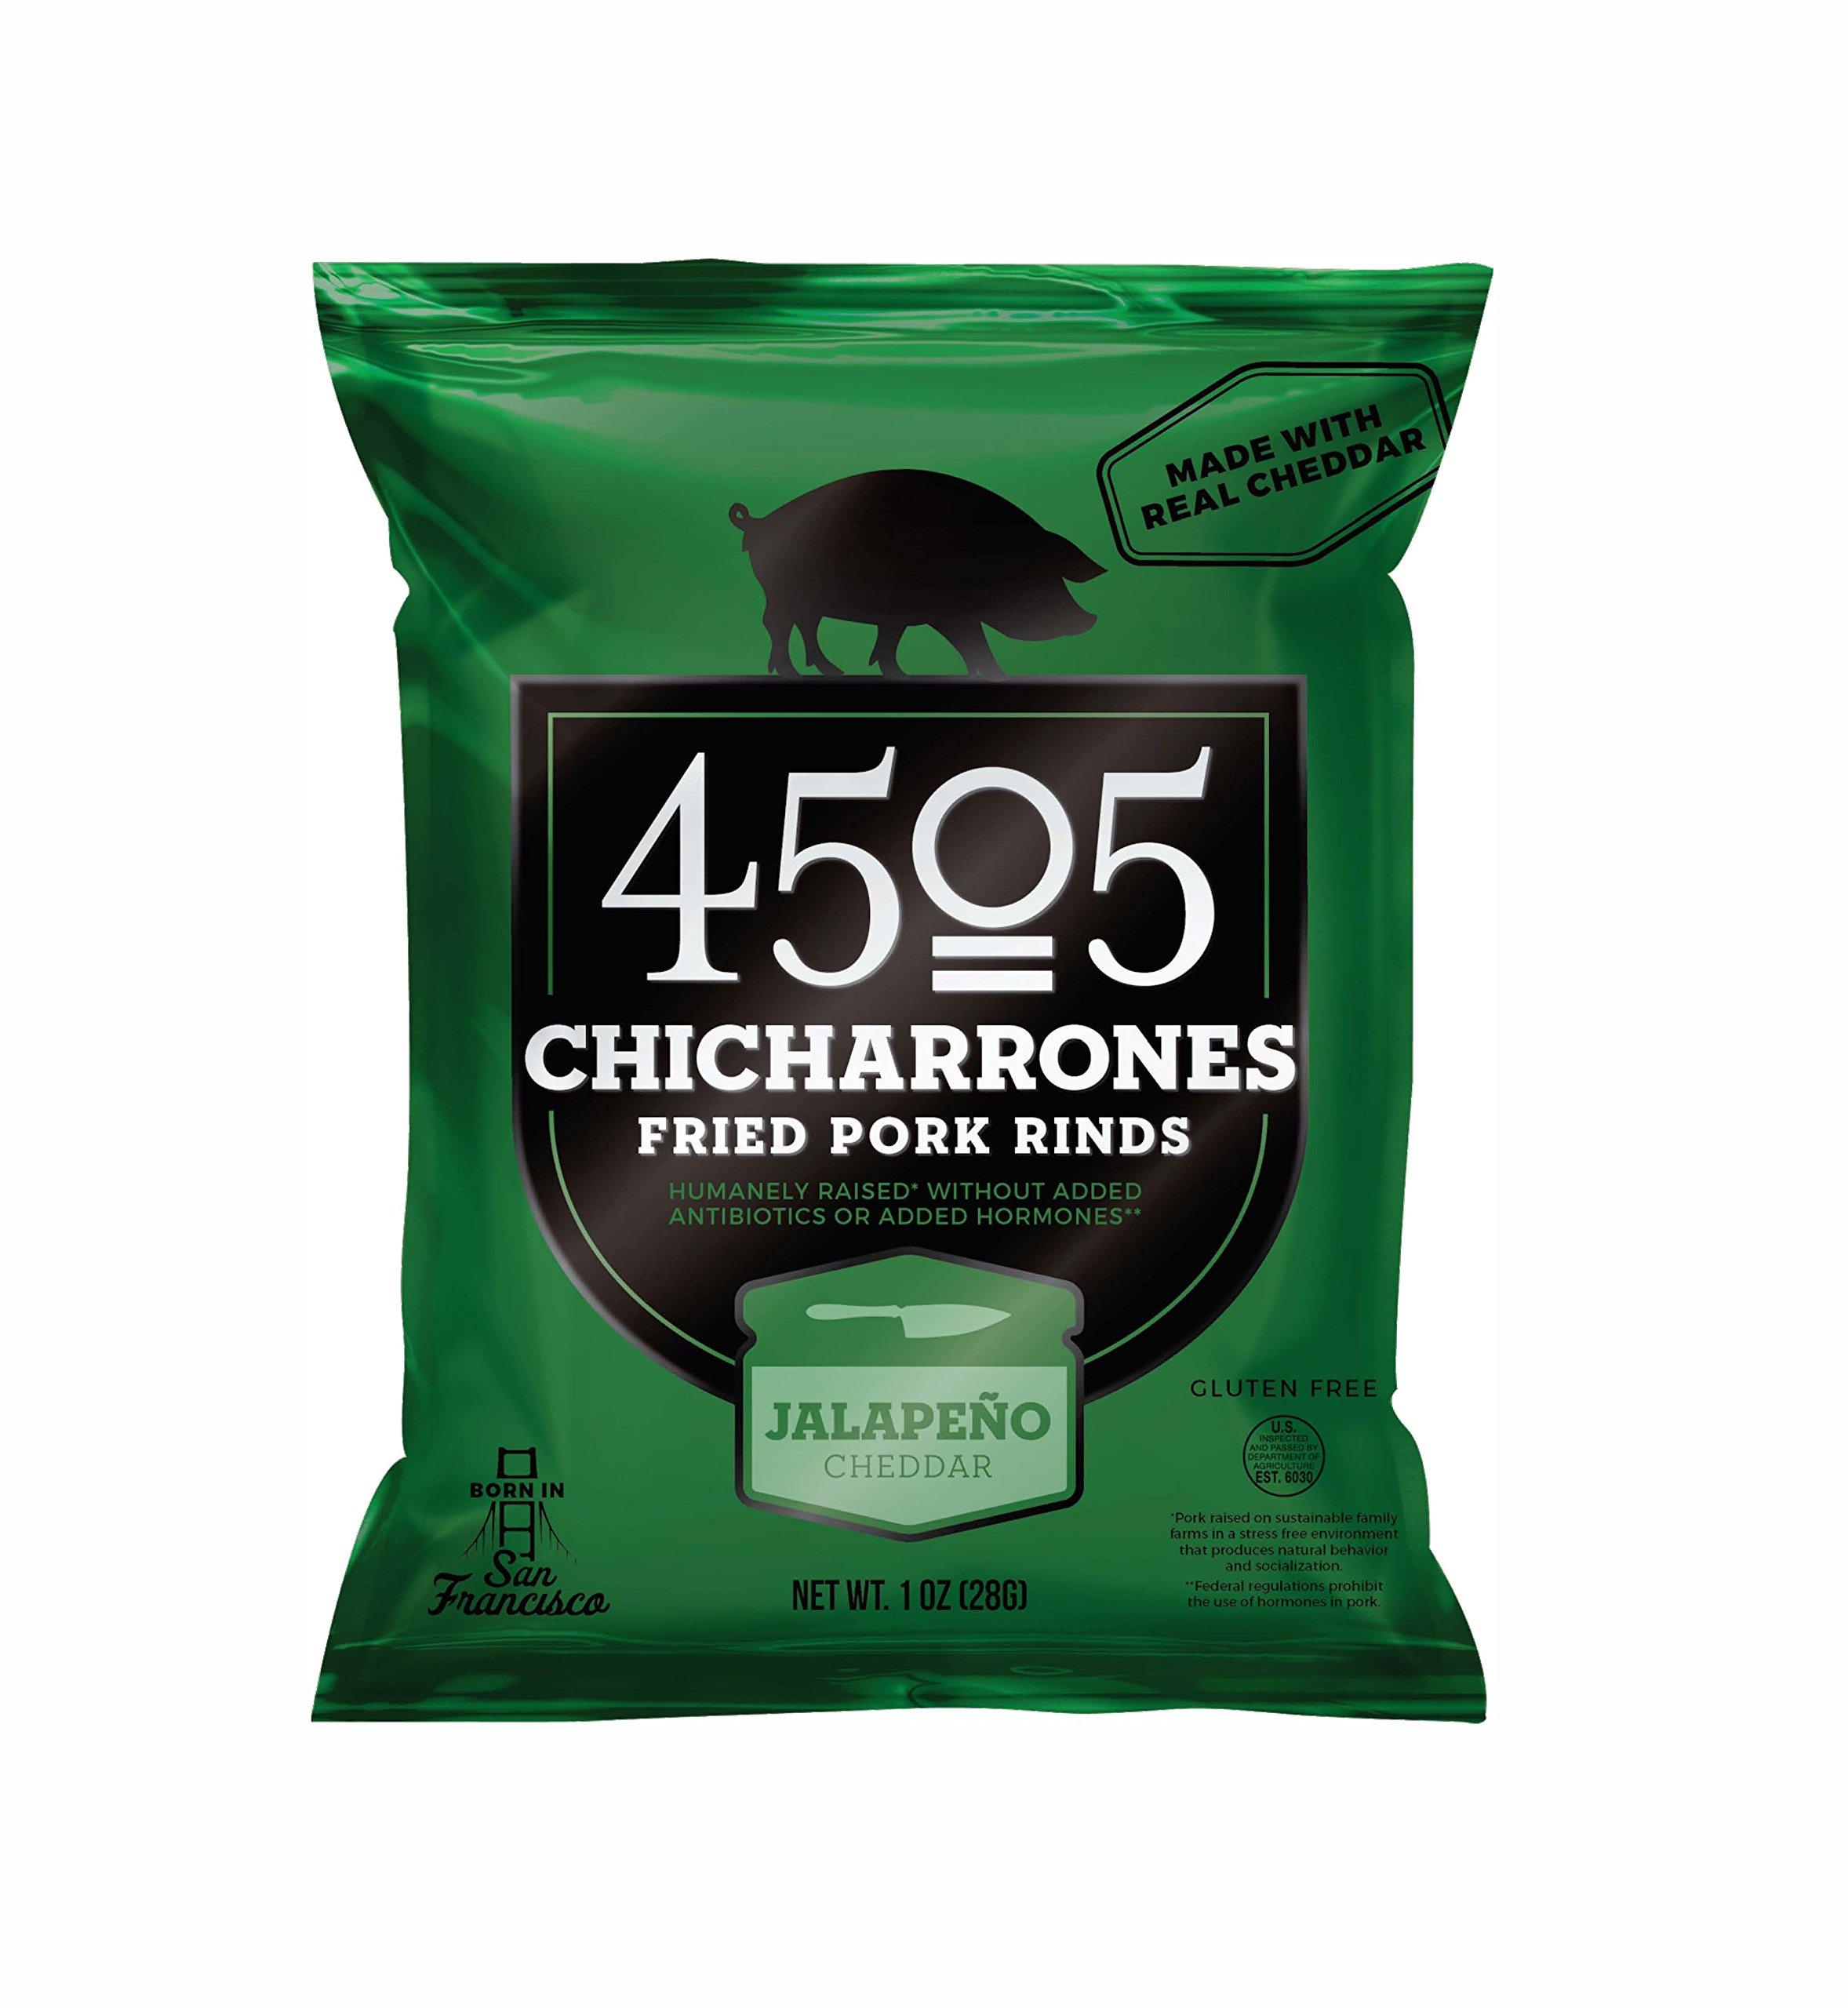 4505 Chicharrones (Fried Pork Rinds) Jalapeno Cheddar, 1 oz, 6-pack